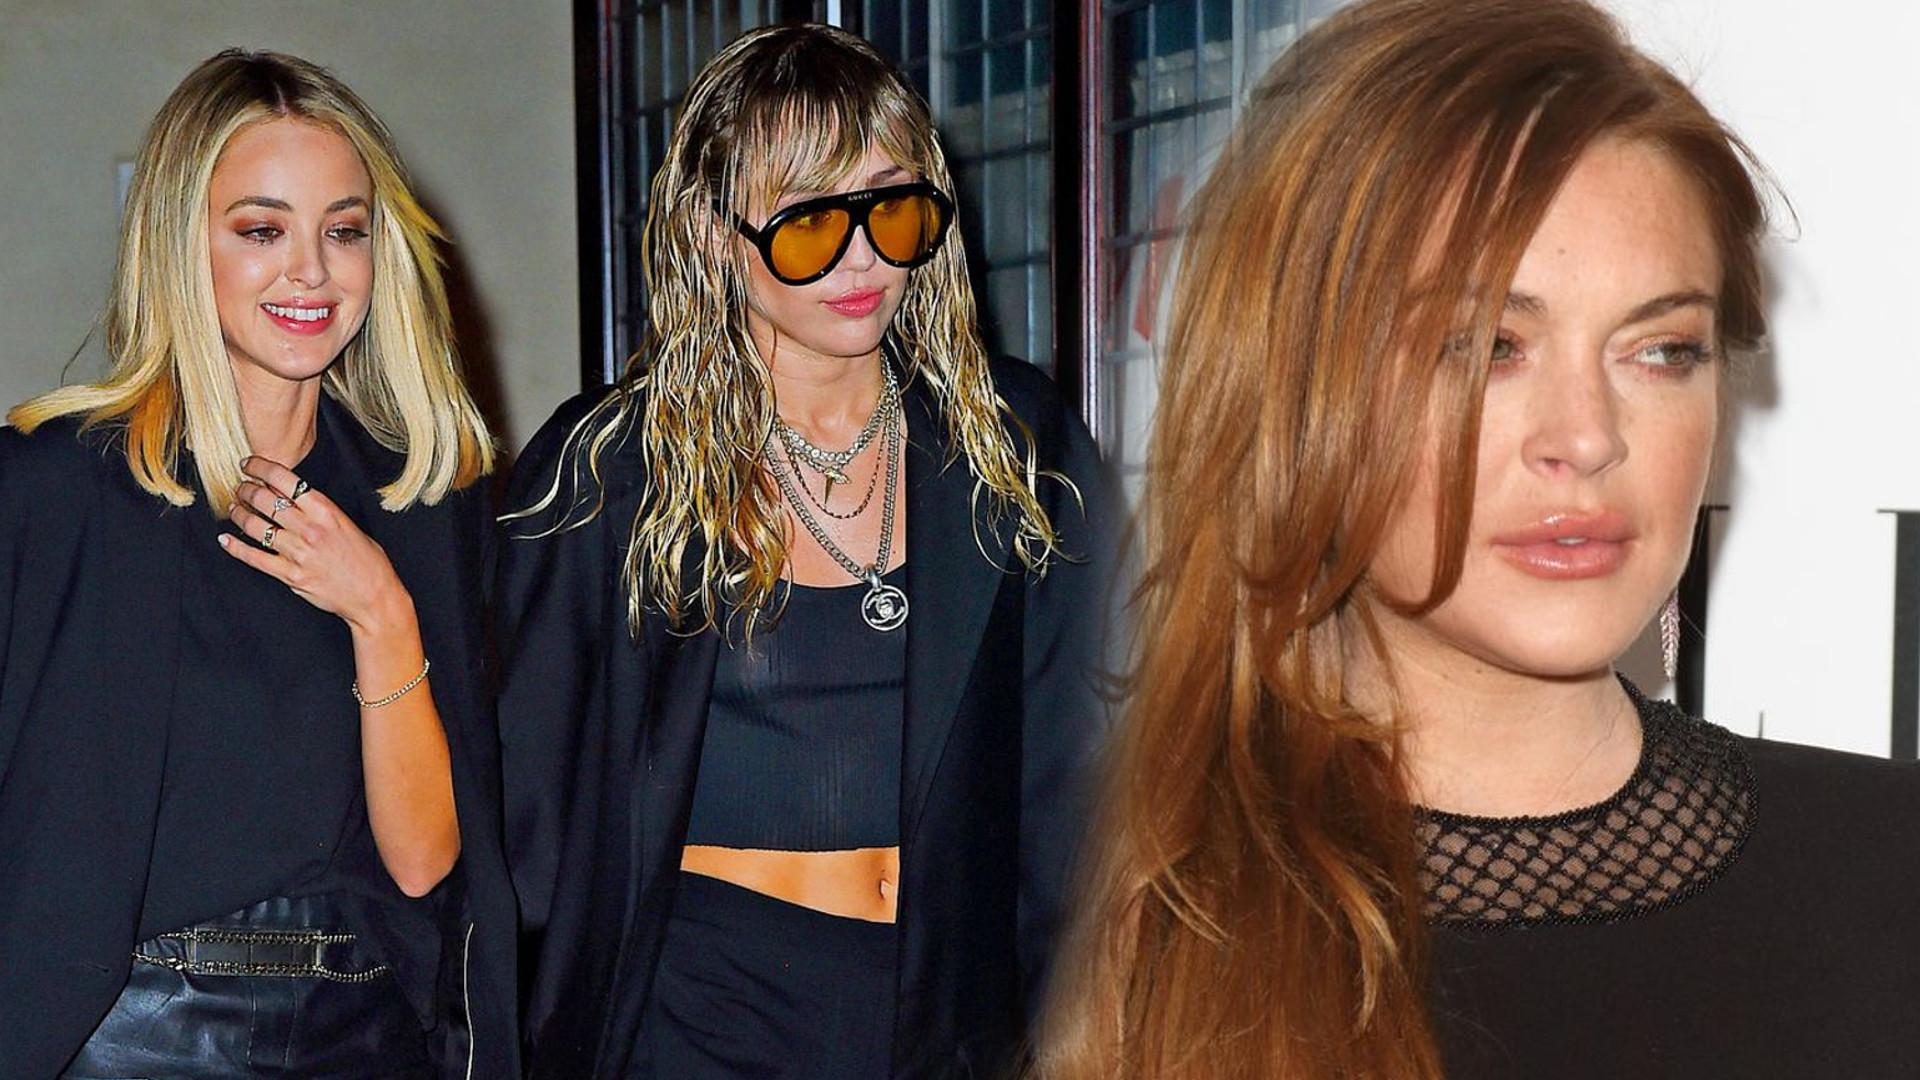 SZOK! Reakcja Miley Cyrus na wiadomość o tym, że Lindsay Lohan flirtuje z Liamem Hemsworthem